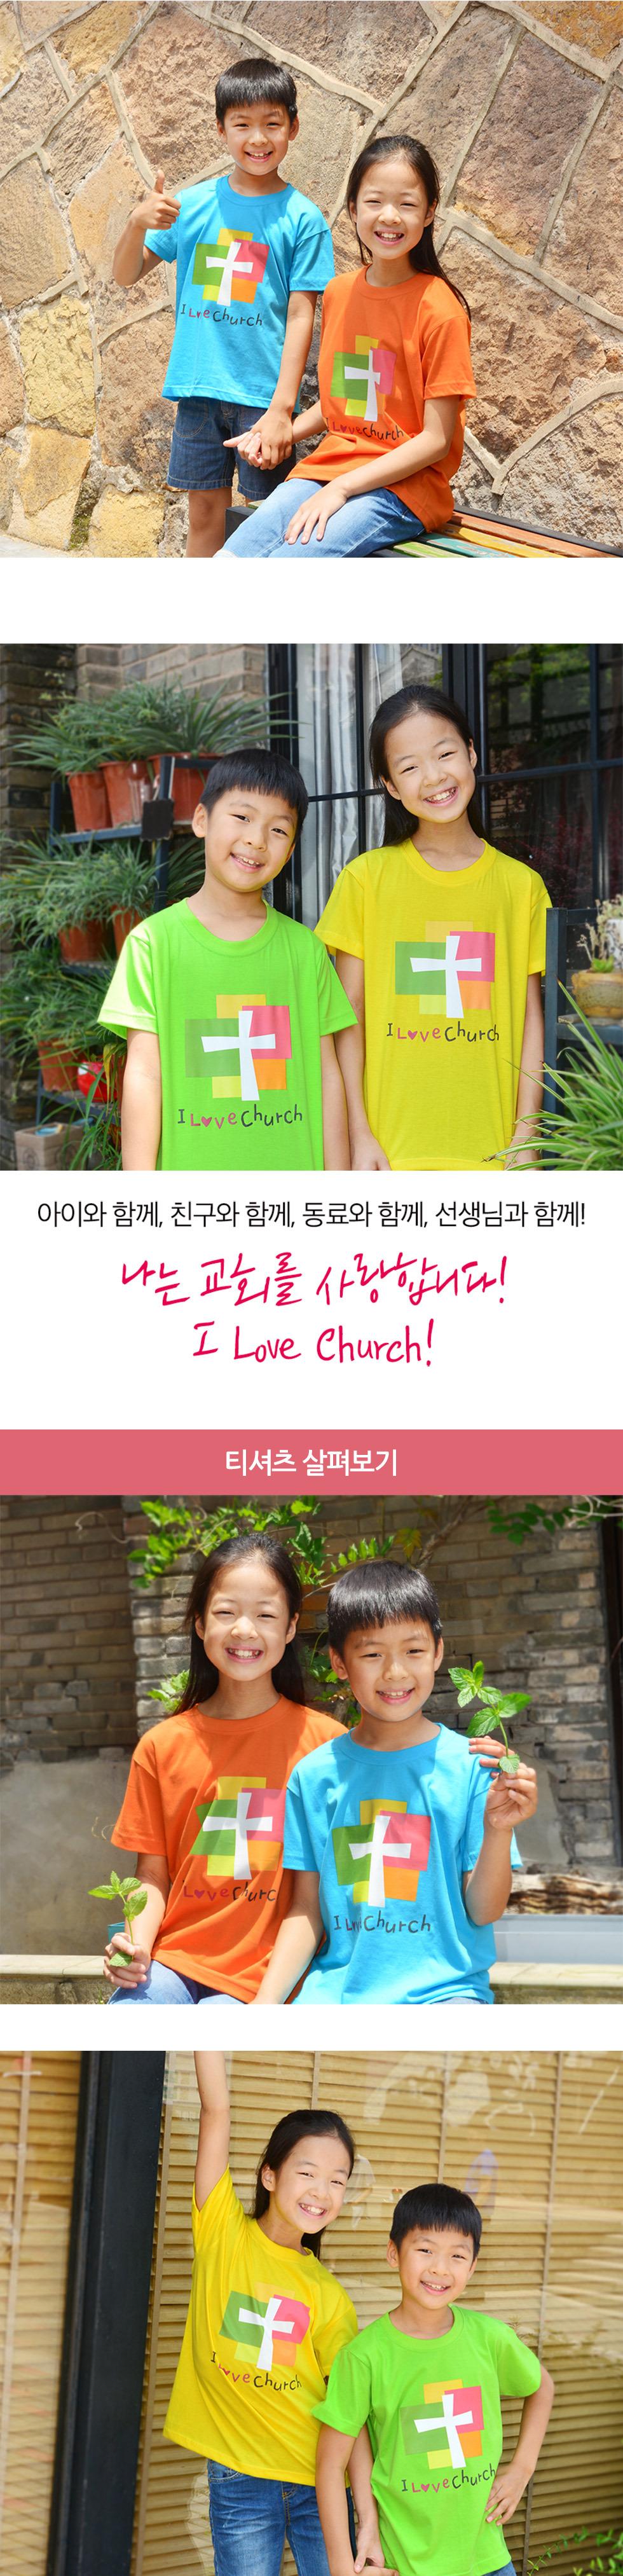 교회단체티 교회티셔츠 I Love Church 처치 아동용 살펴보기